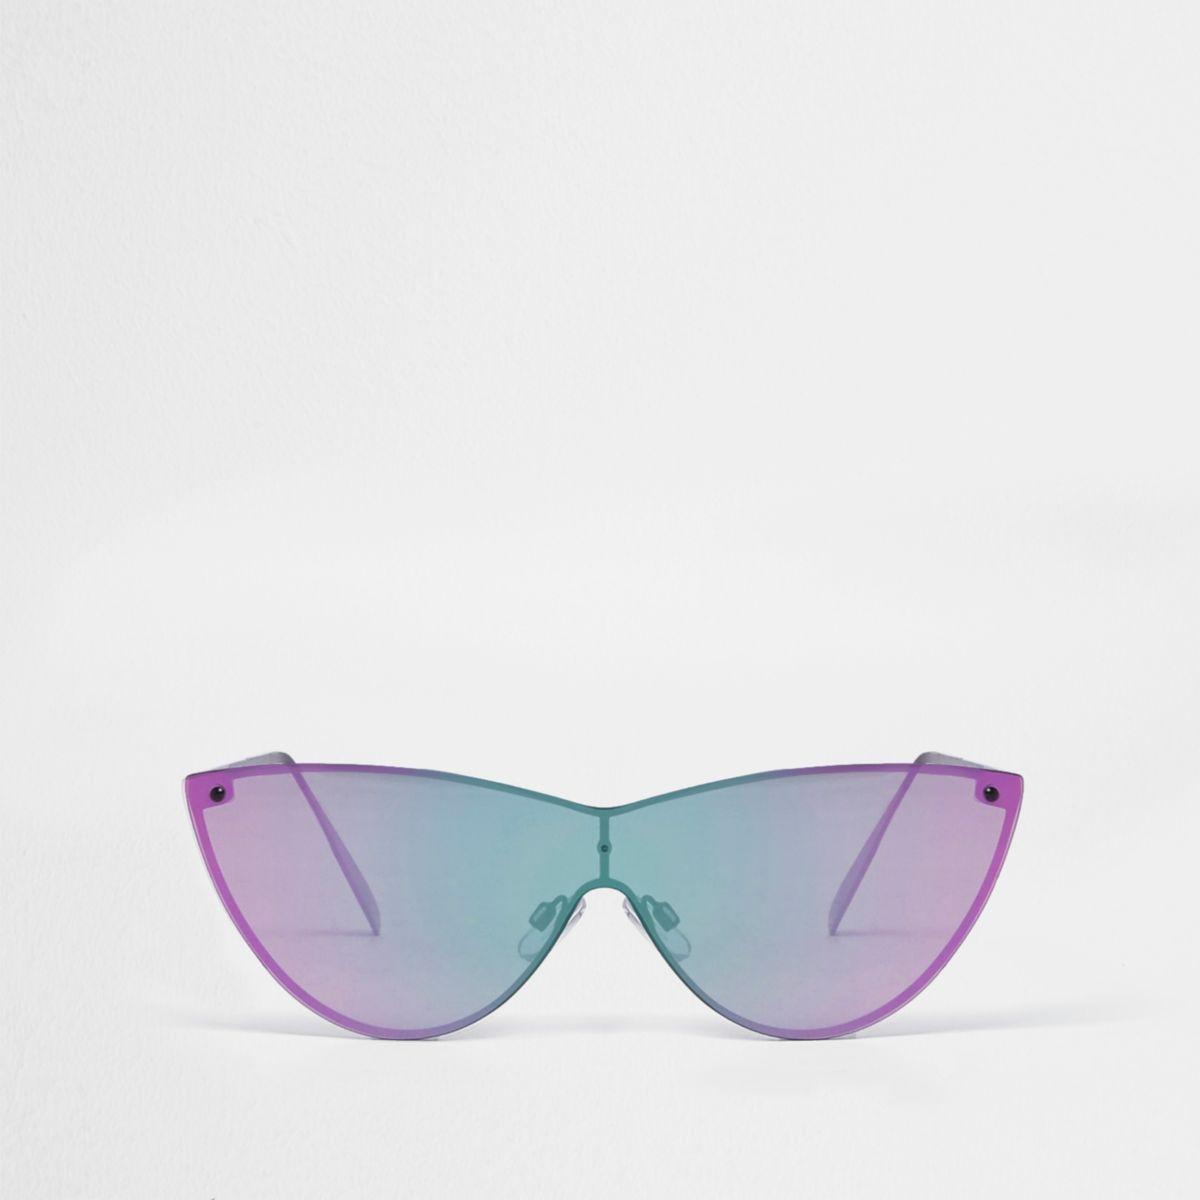 Gold tone visor cat eye pink lens sunglasses